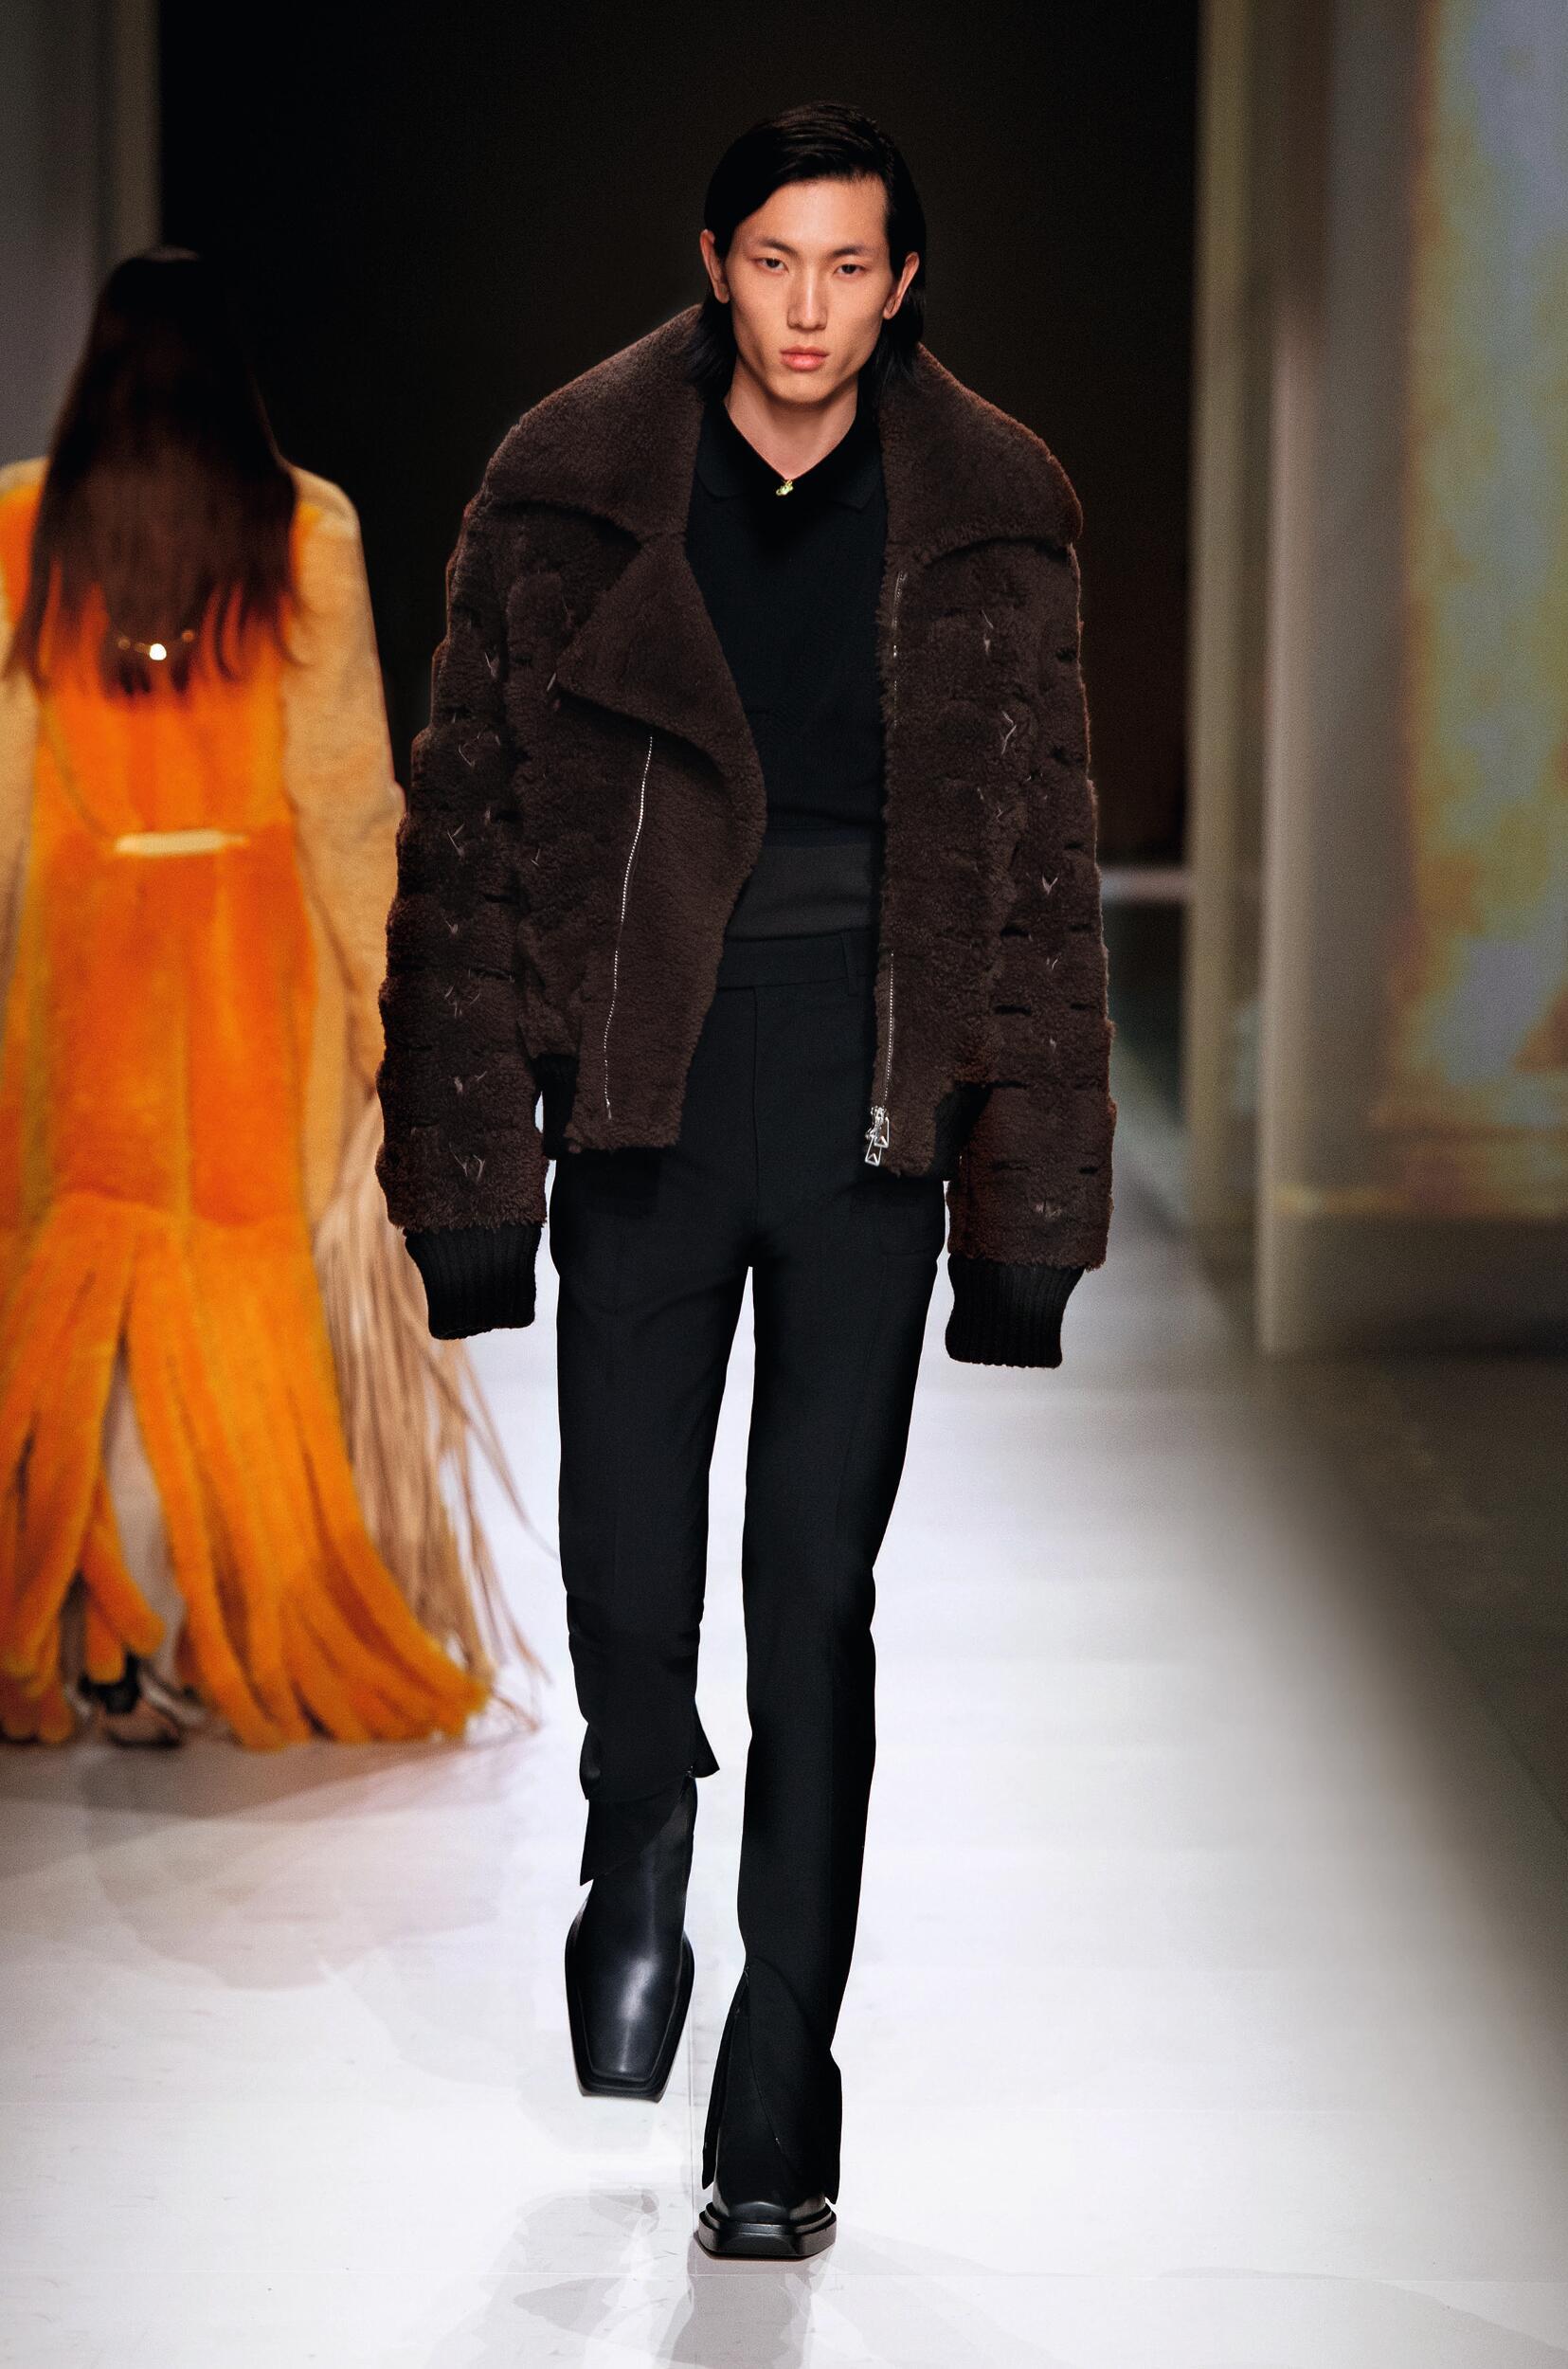 2020 Bottega Veneta Catwalk Milan Fashion Week